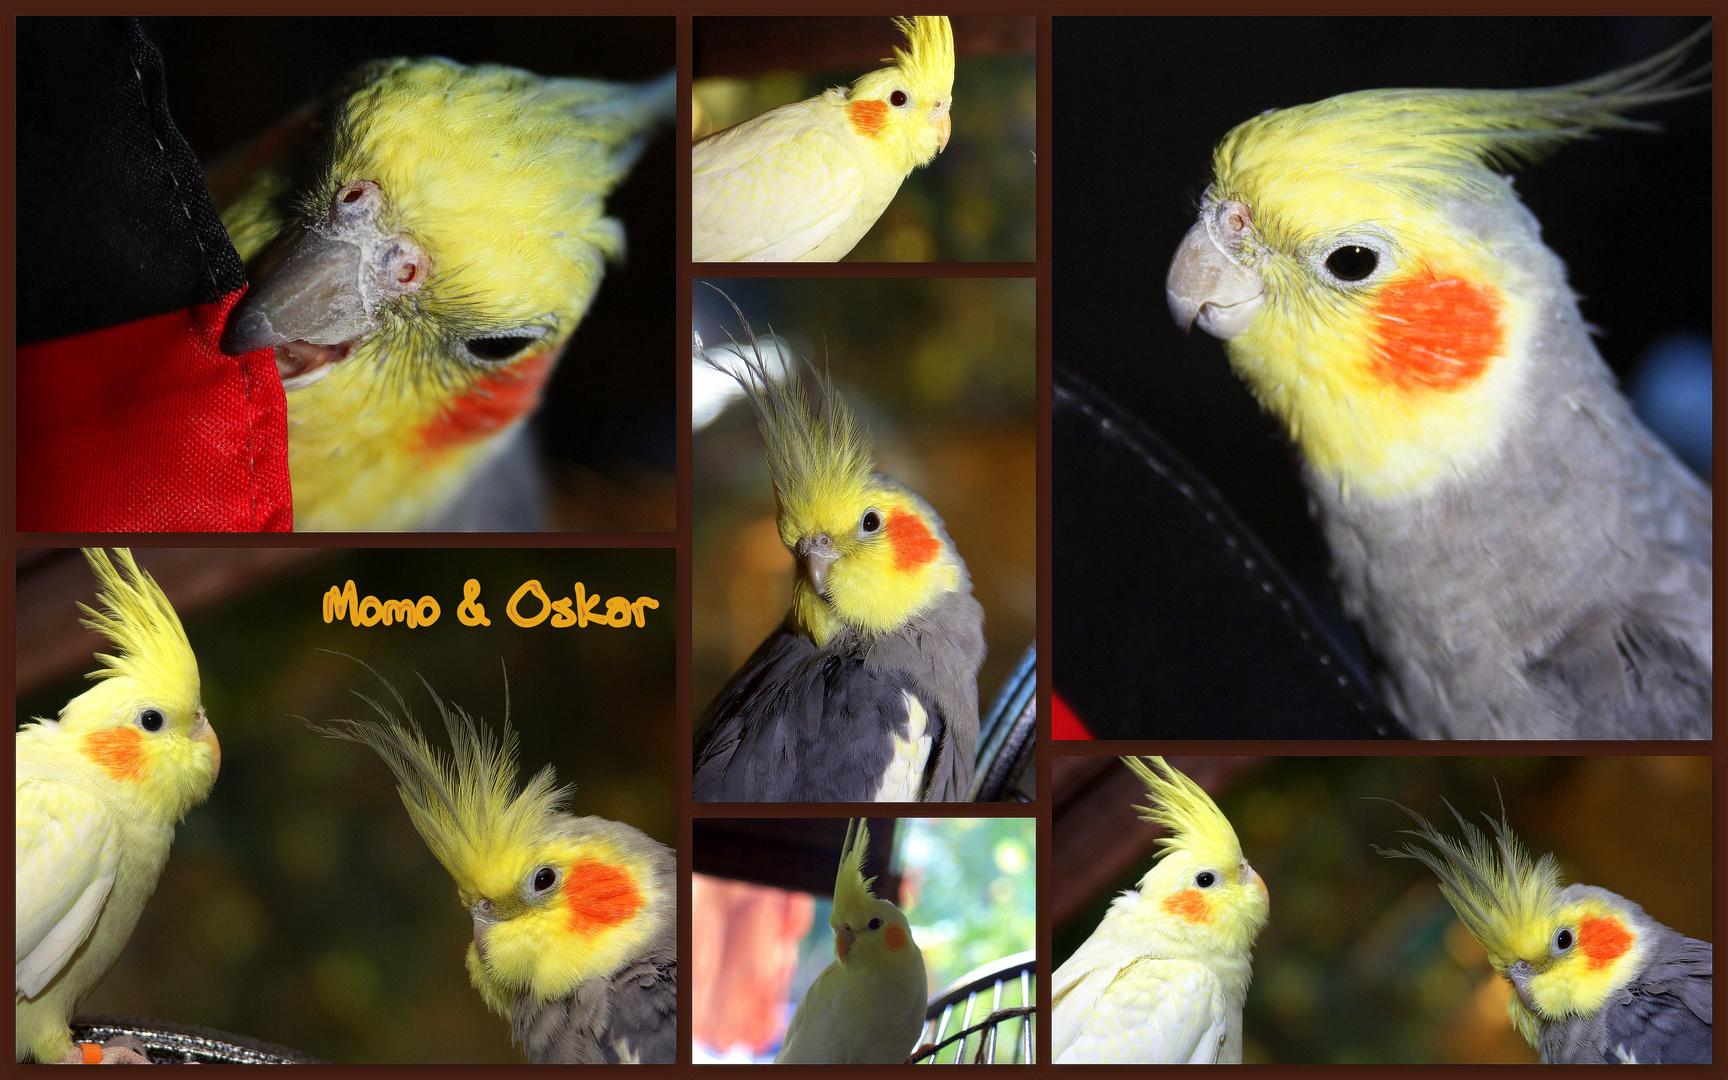 Momo & Oskar